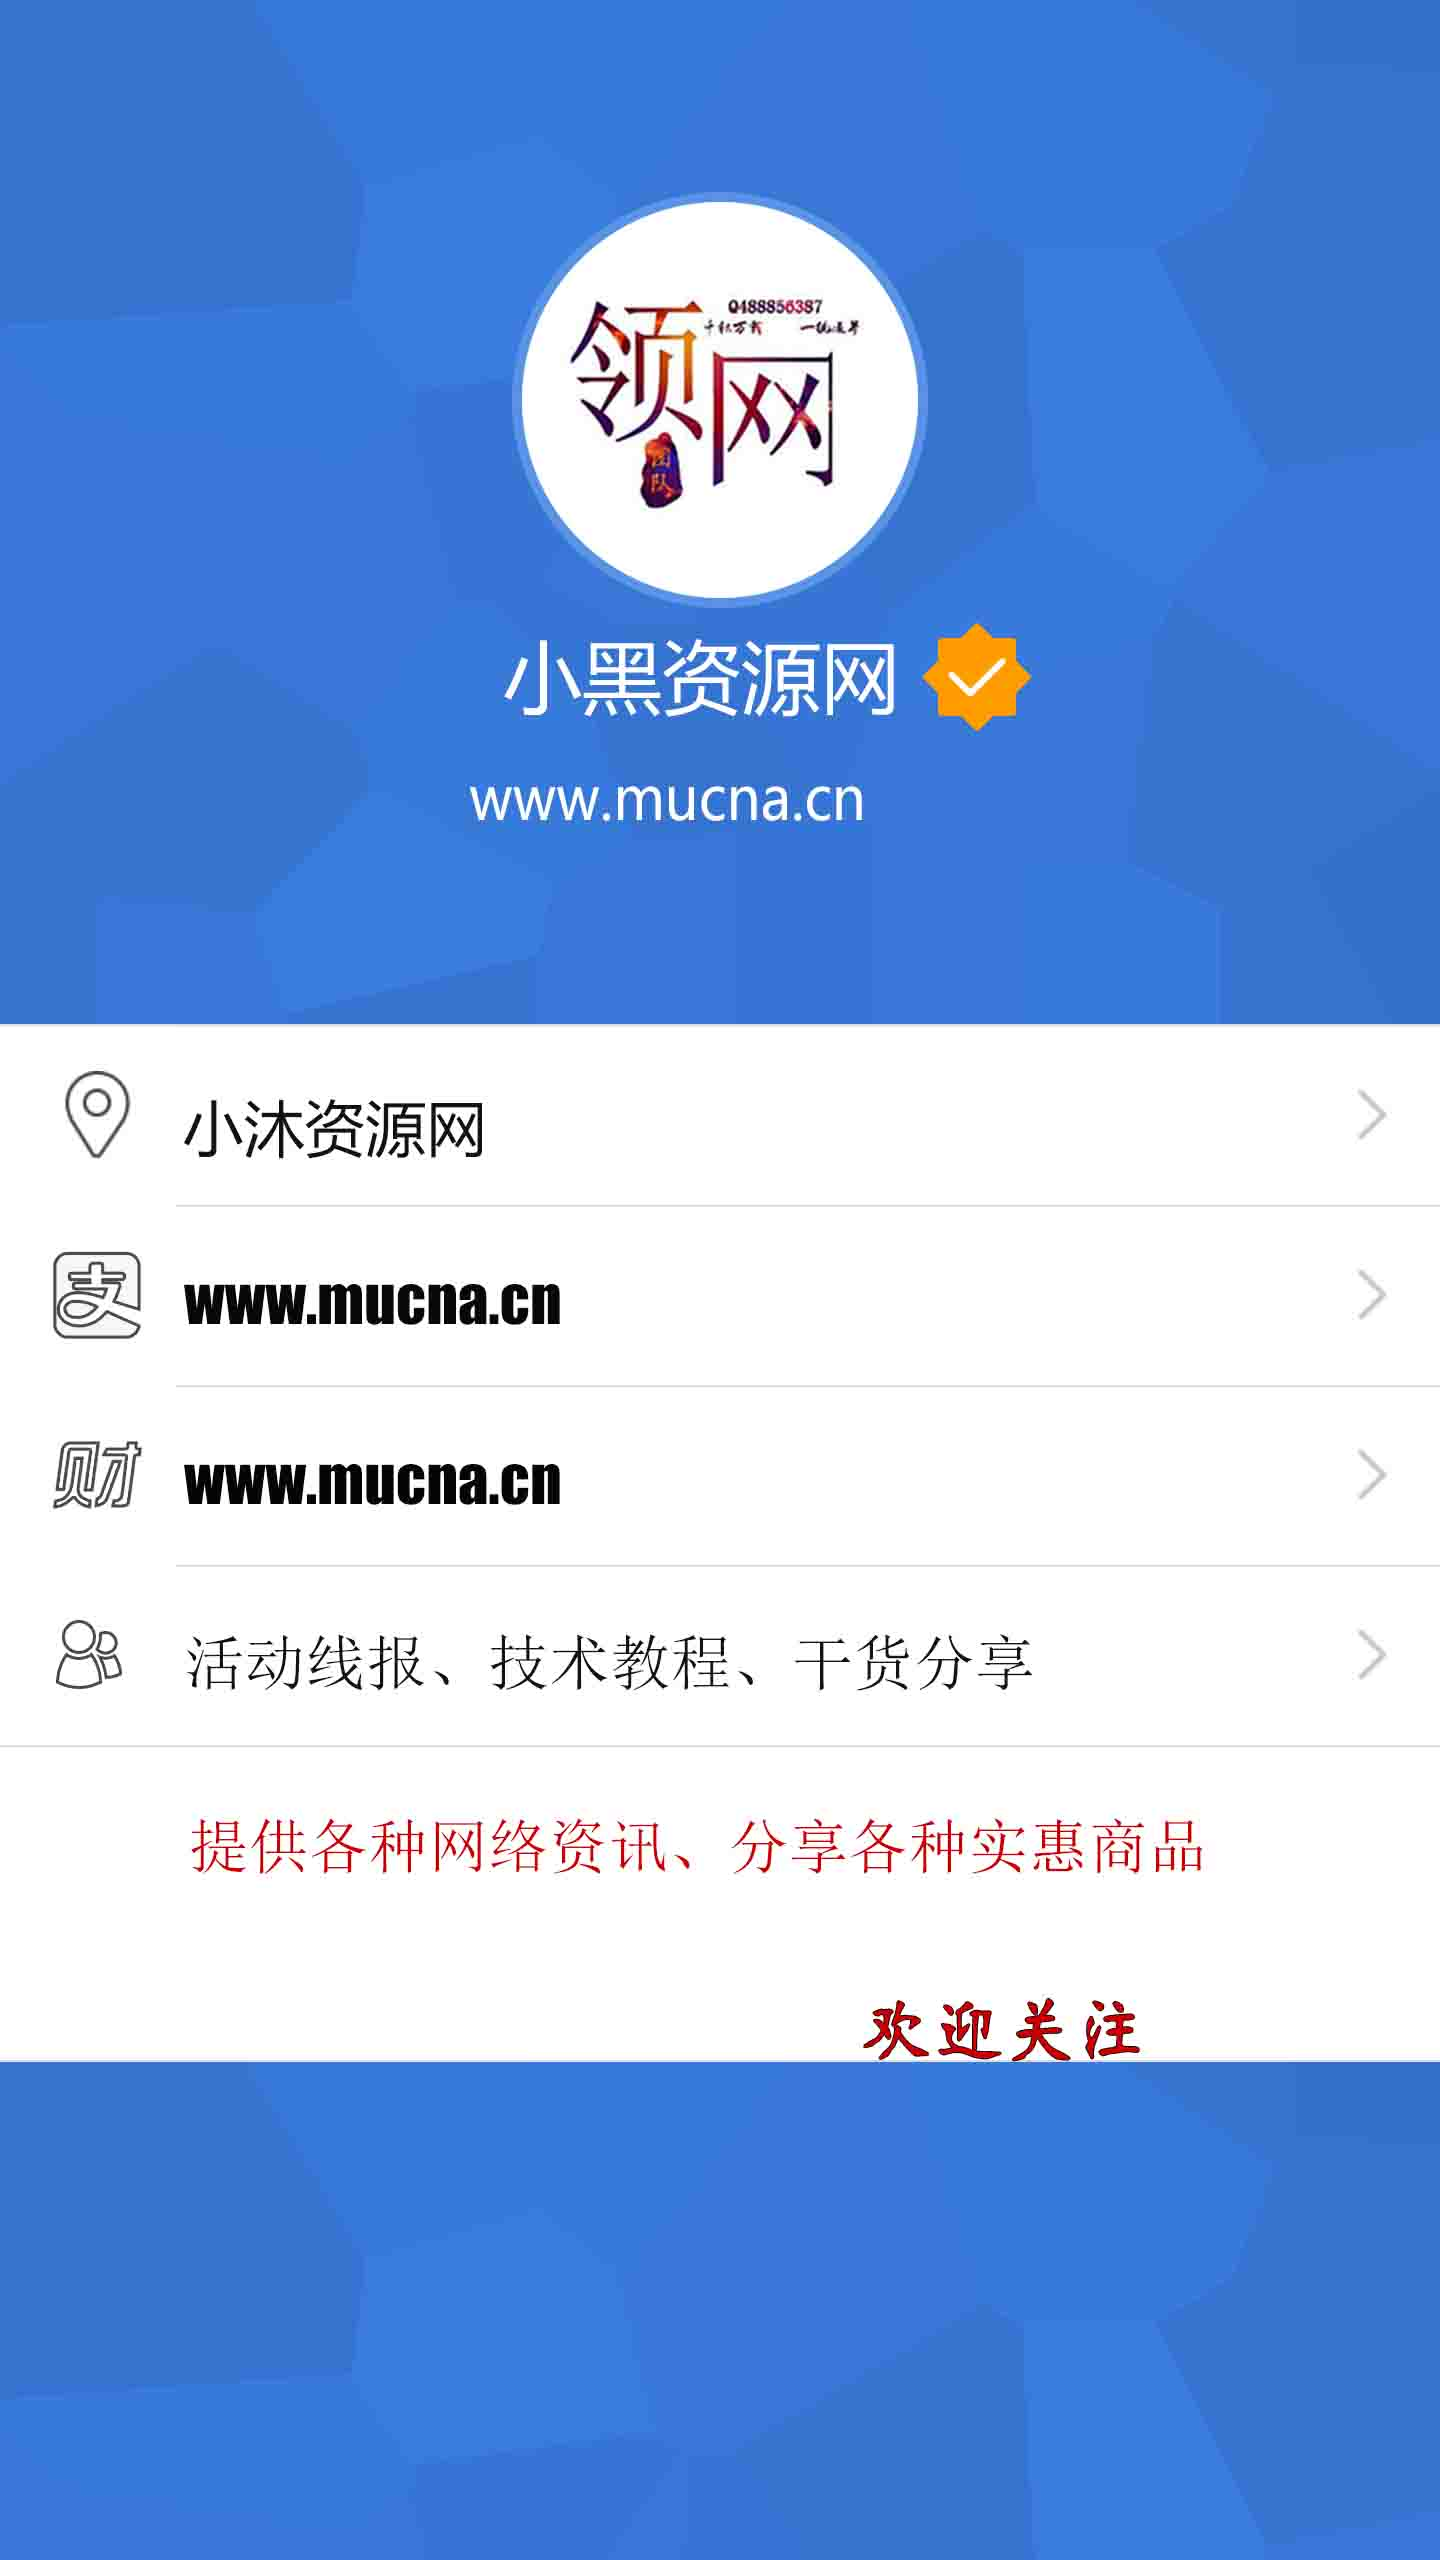 仿腾讯公众号认证手机qq背景源码